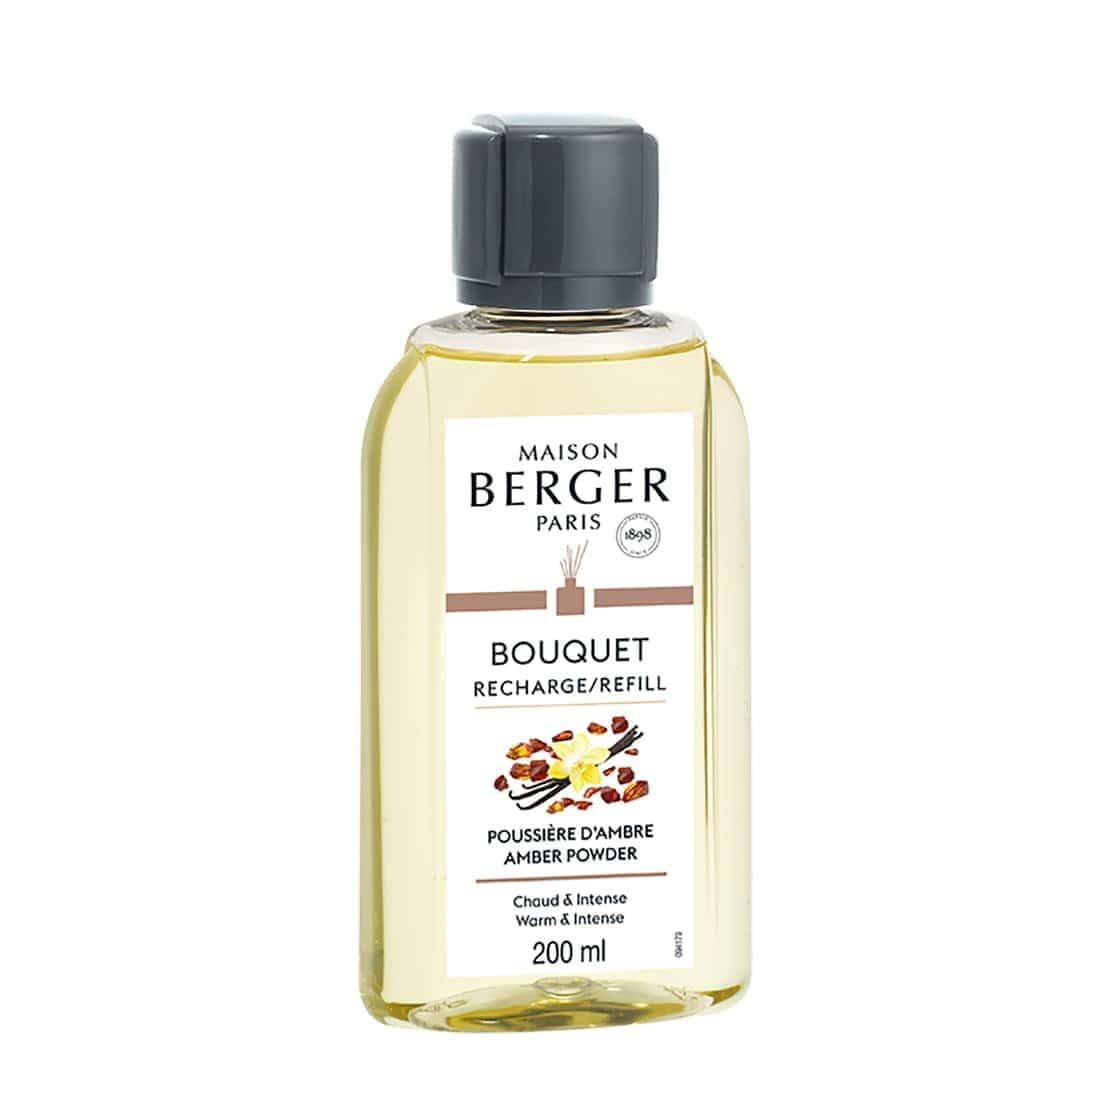 Photo de Recharge Bouquet Parfumé Maison Berger Poussière d'Ambre 200 ml